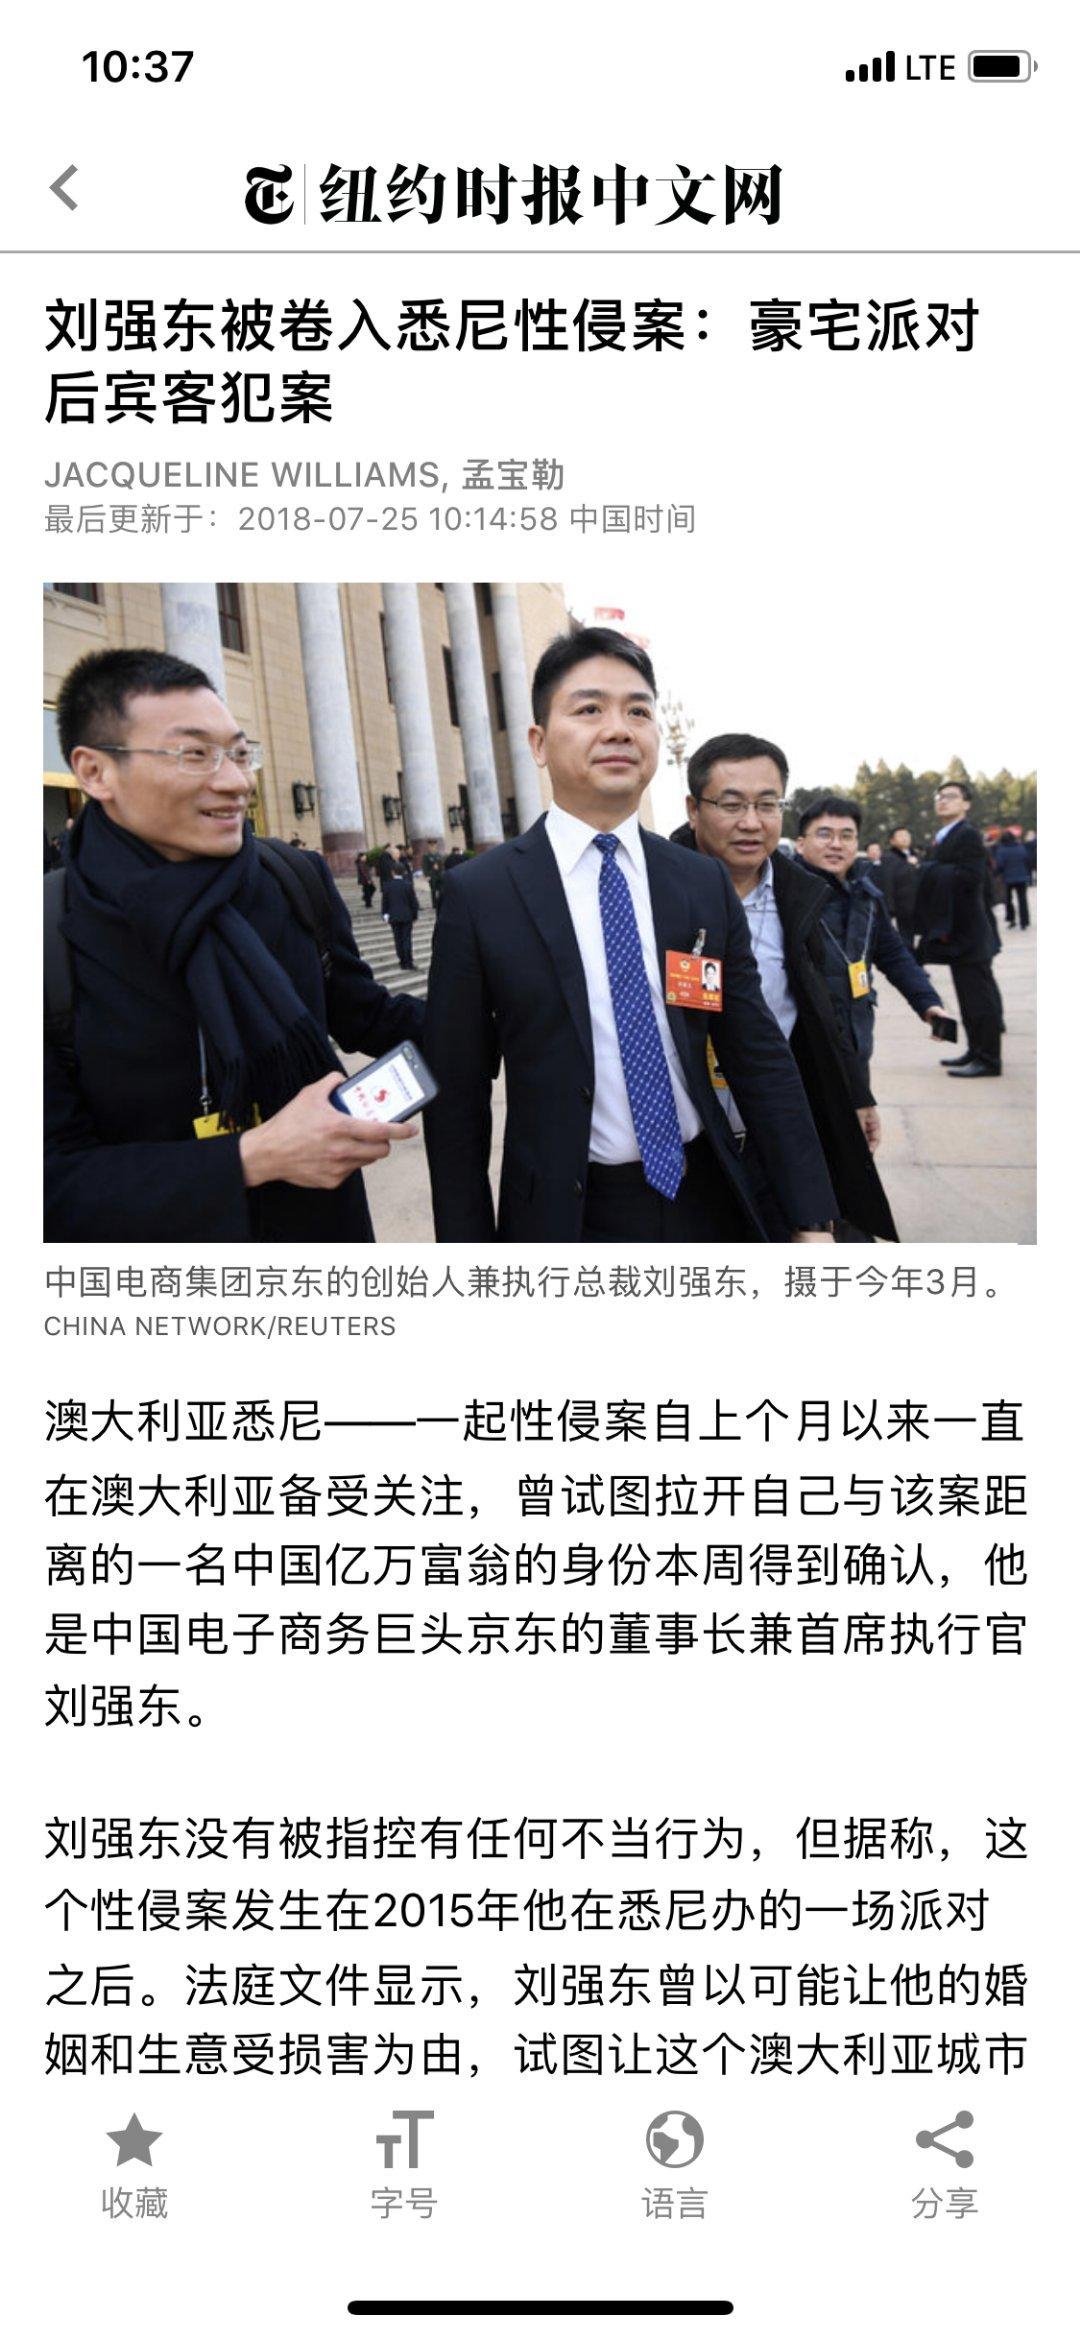 刘强东被卷入中国富豪性侵女模案 欲瞒身份法院拒绝